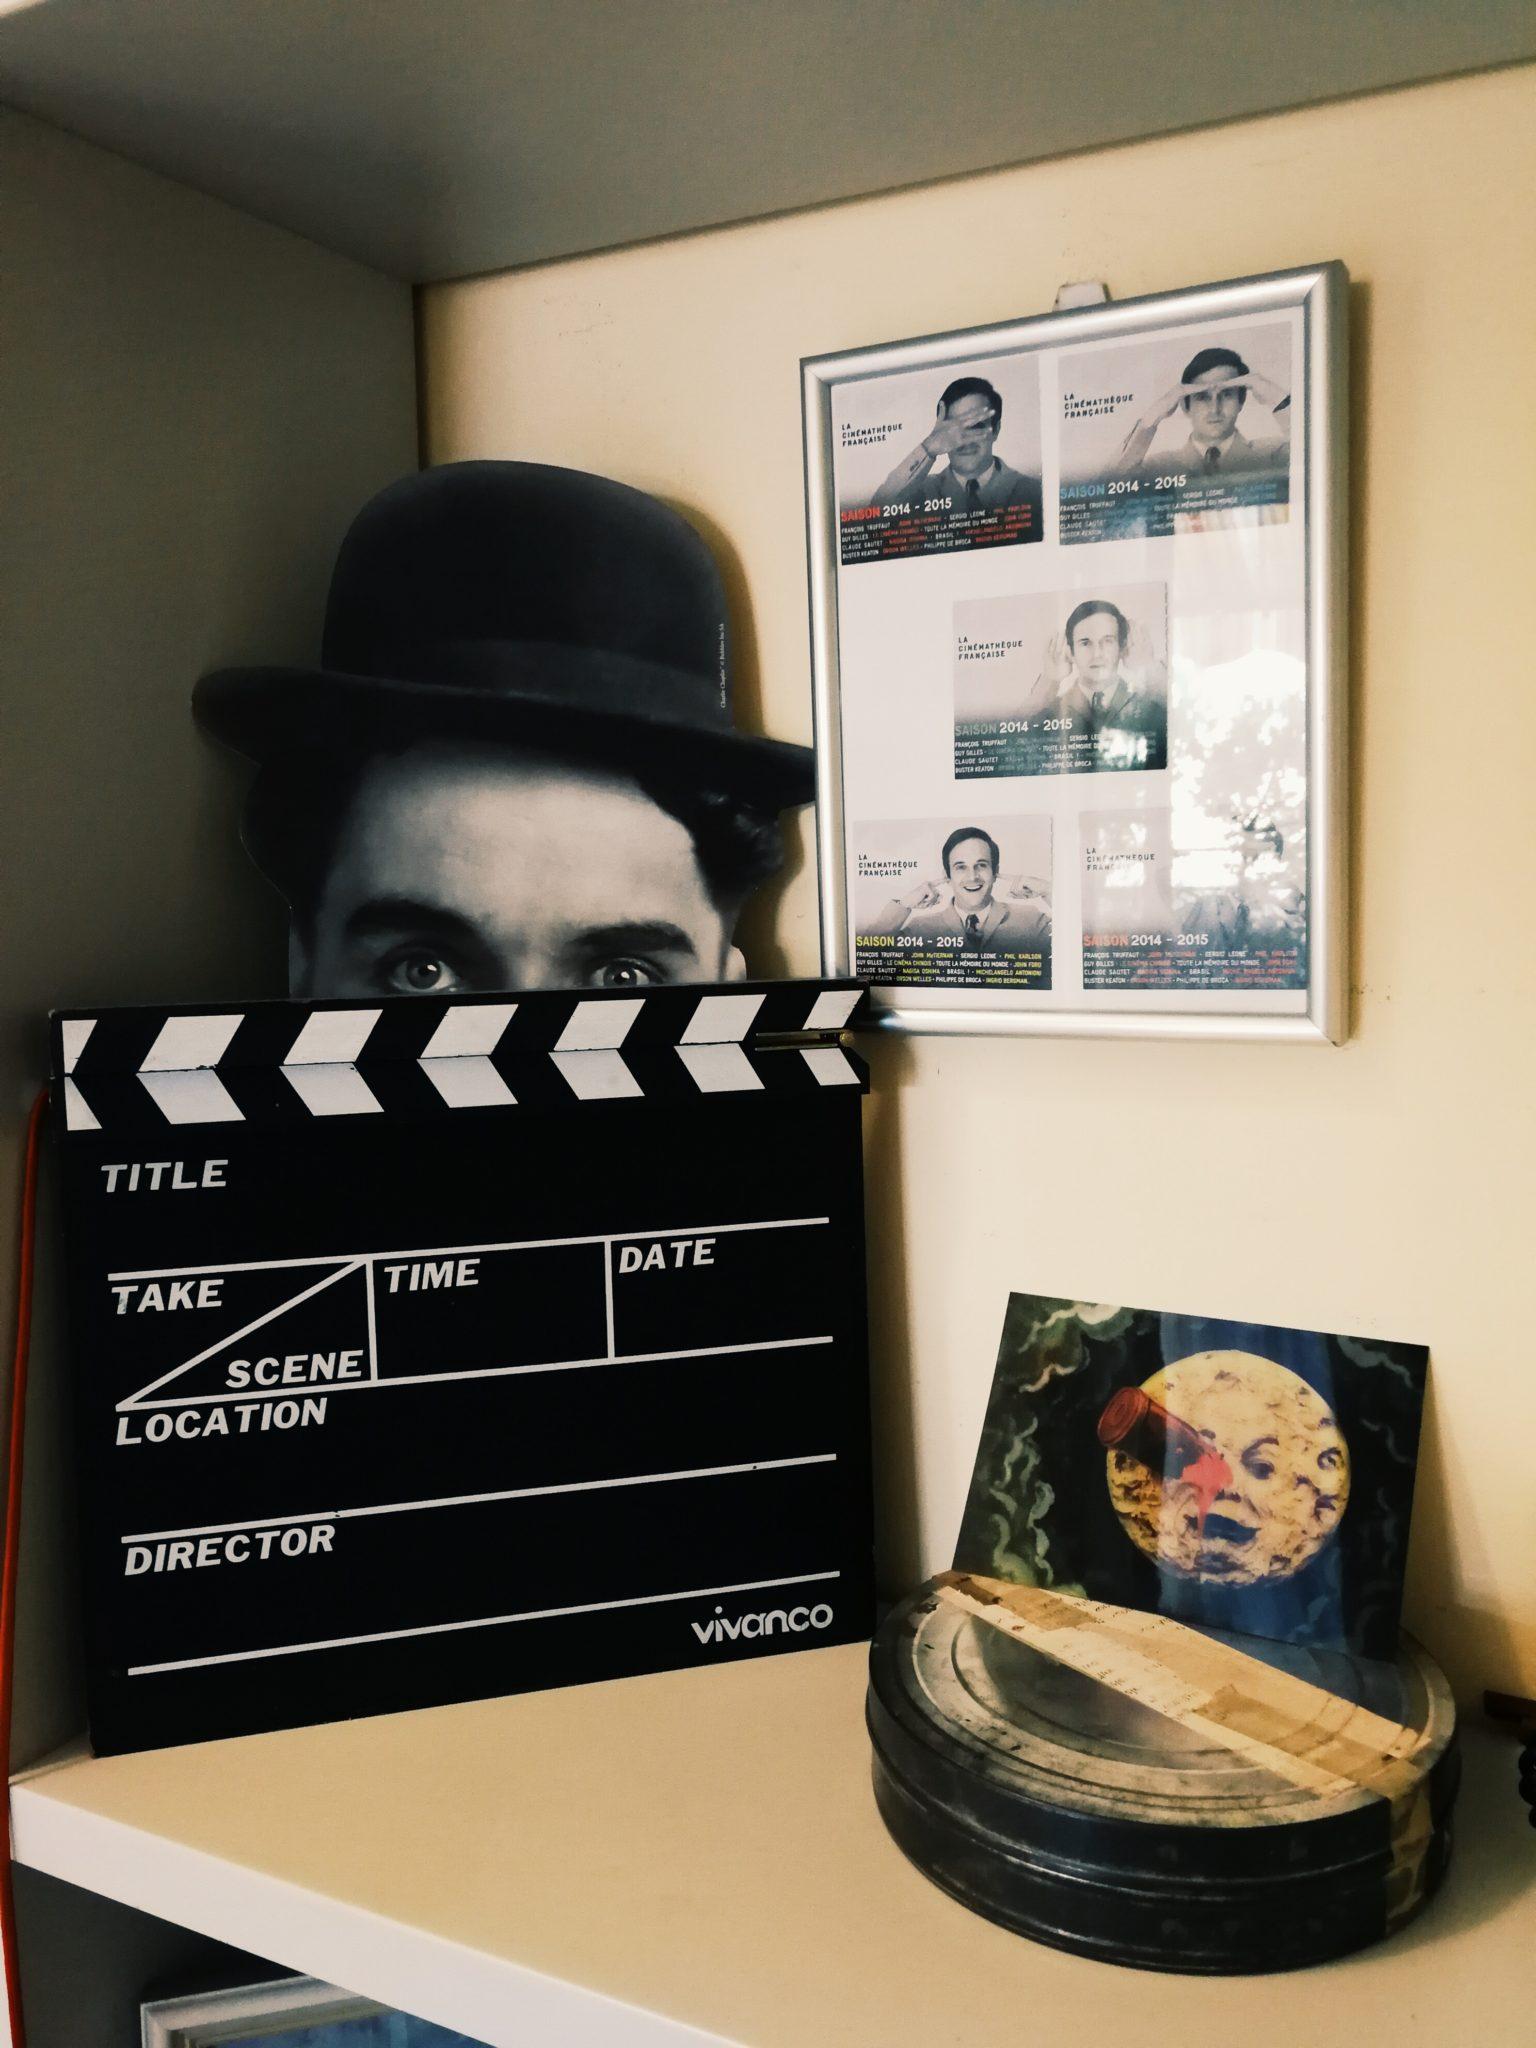 Abbiamo incontrato Vittorio Fusco, una delle anime di Cinemanici, per farci raccontare i luoghi più cinematografici della città